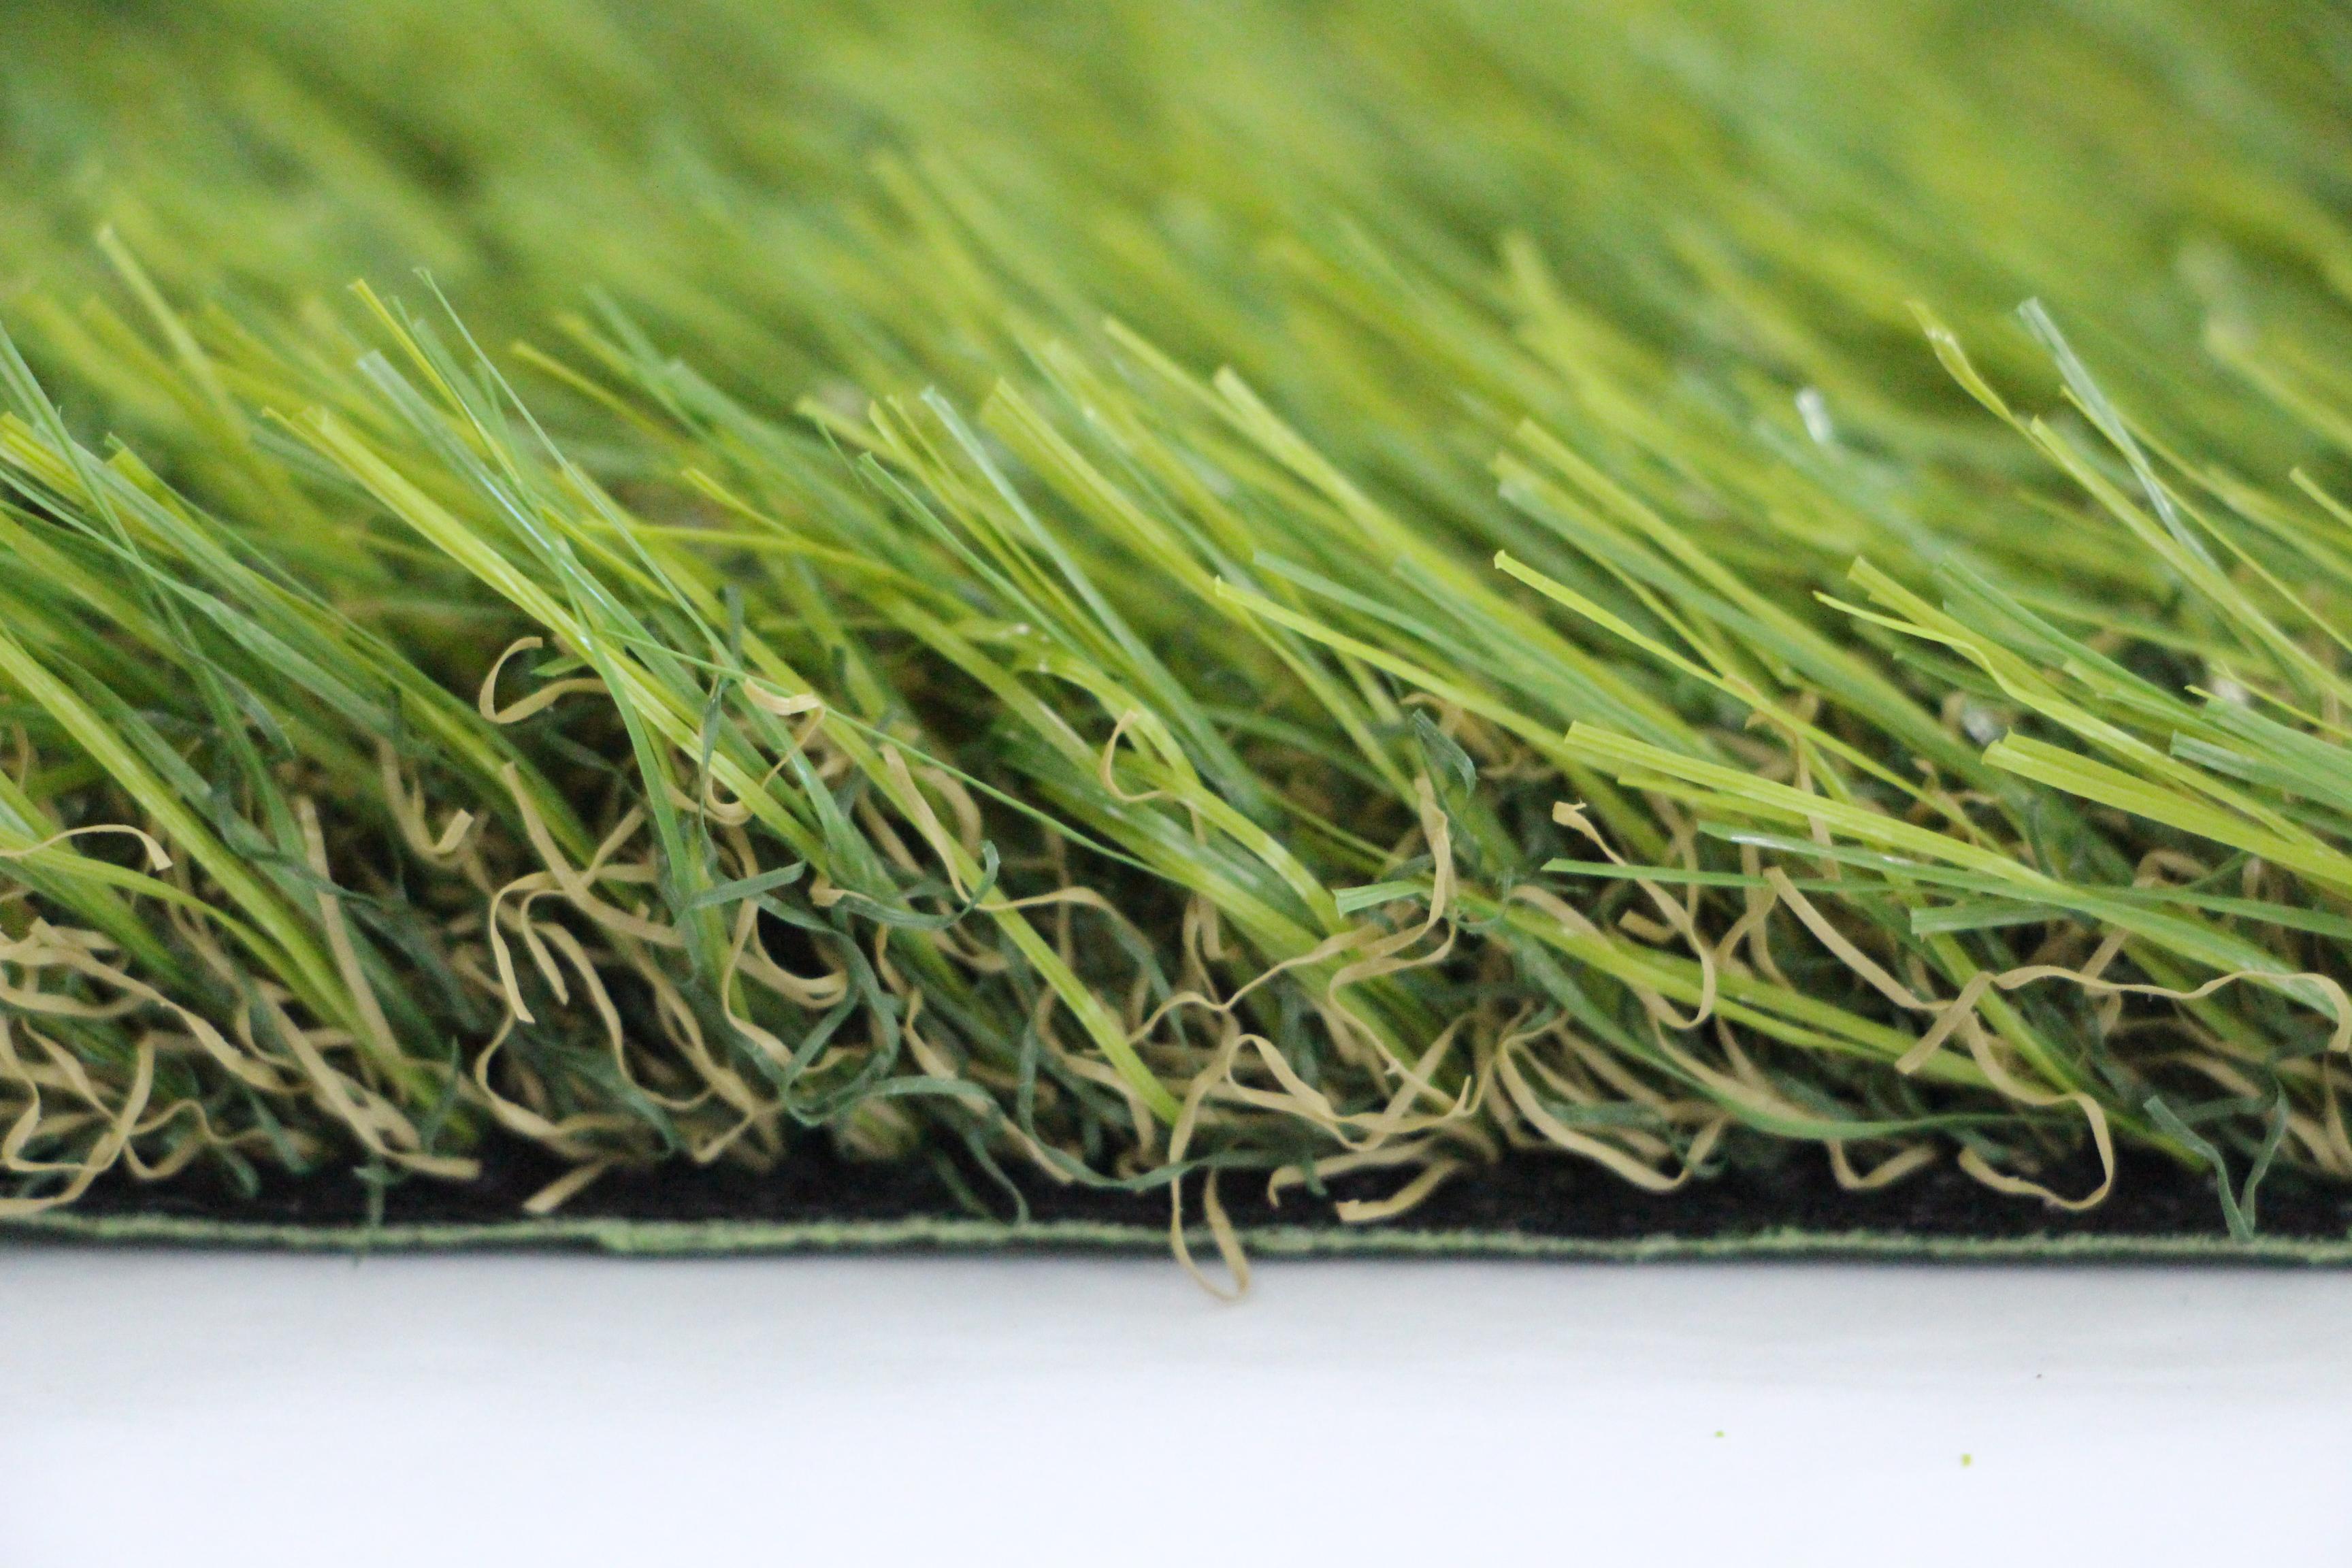 หญ้าเทียม,ราคาถูก,หญ้าเทียม,หญ้าปลอม,ถูกจริง,ราคาโรงงาน